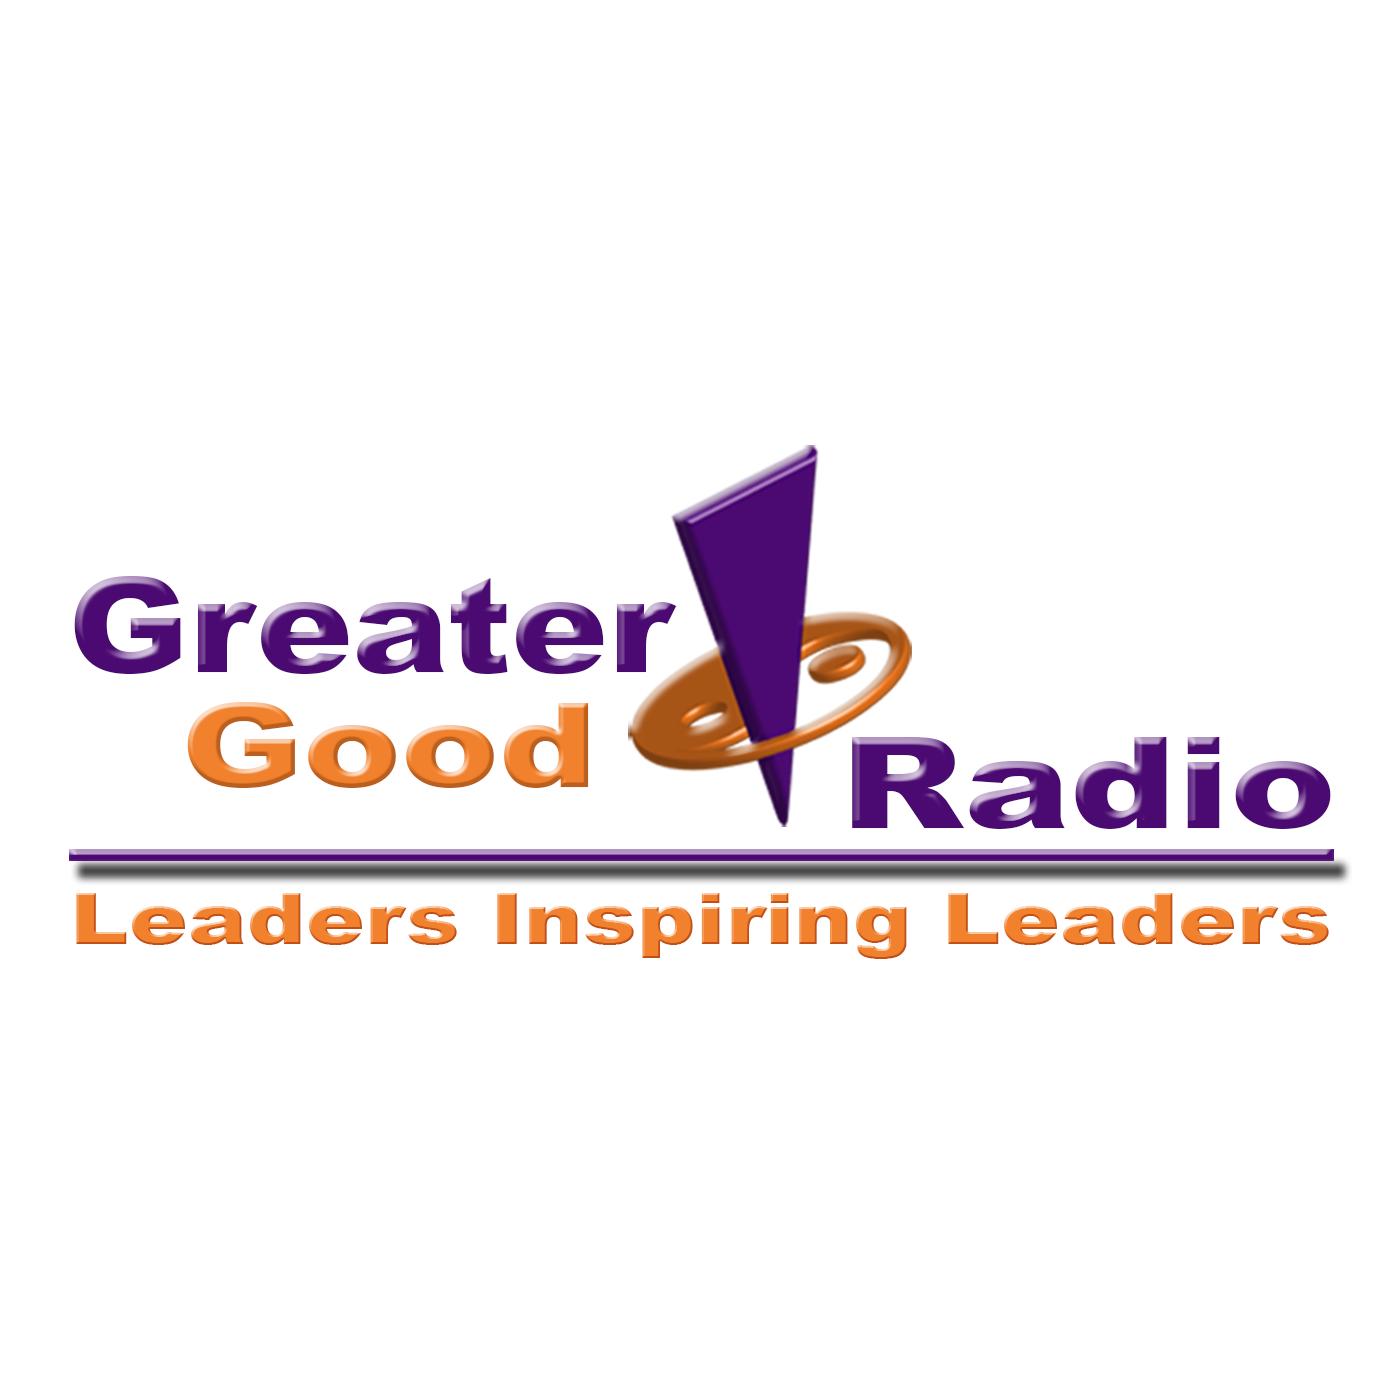 Greater Good Radio - Leaders Inspiring Leaders